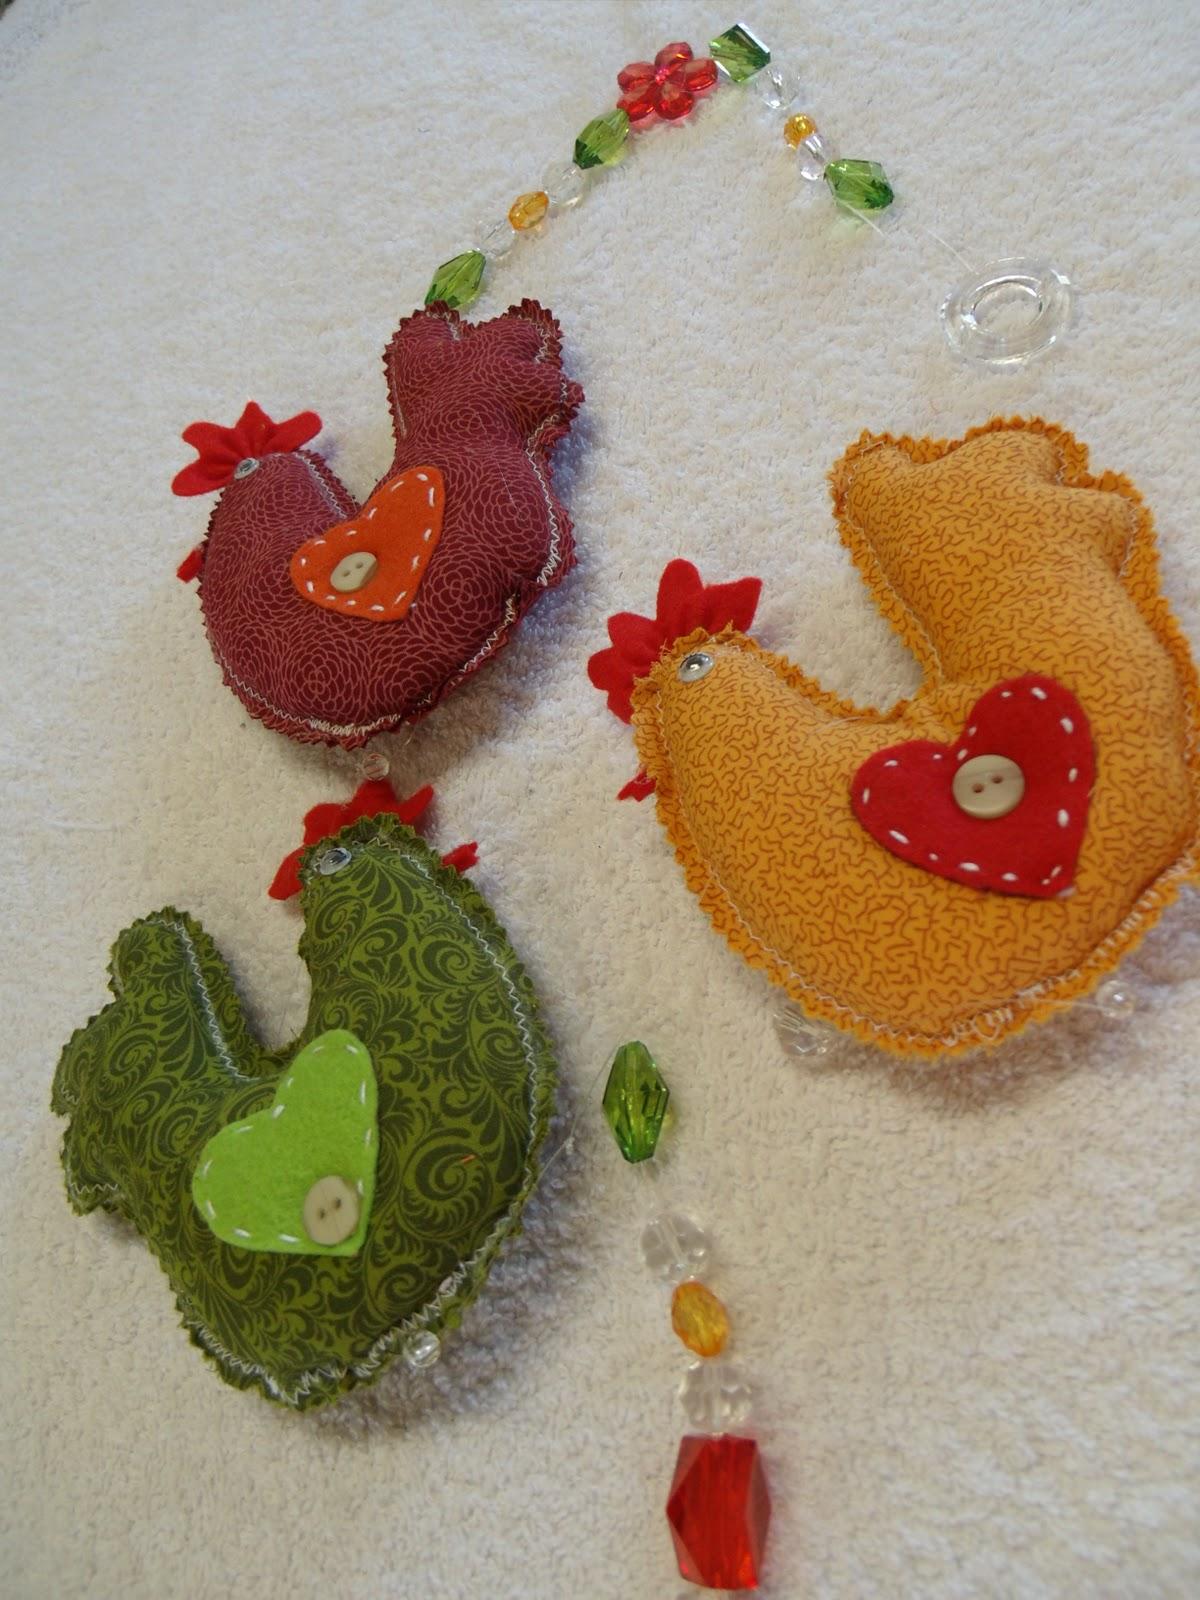 de galinhas para deixar sua cozinha mais coloridaFeitos de tecido